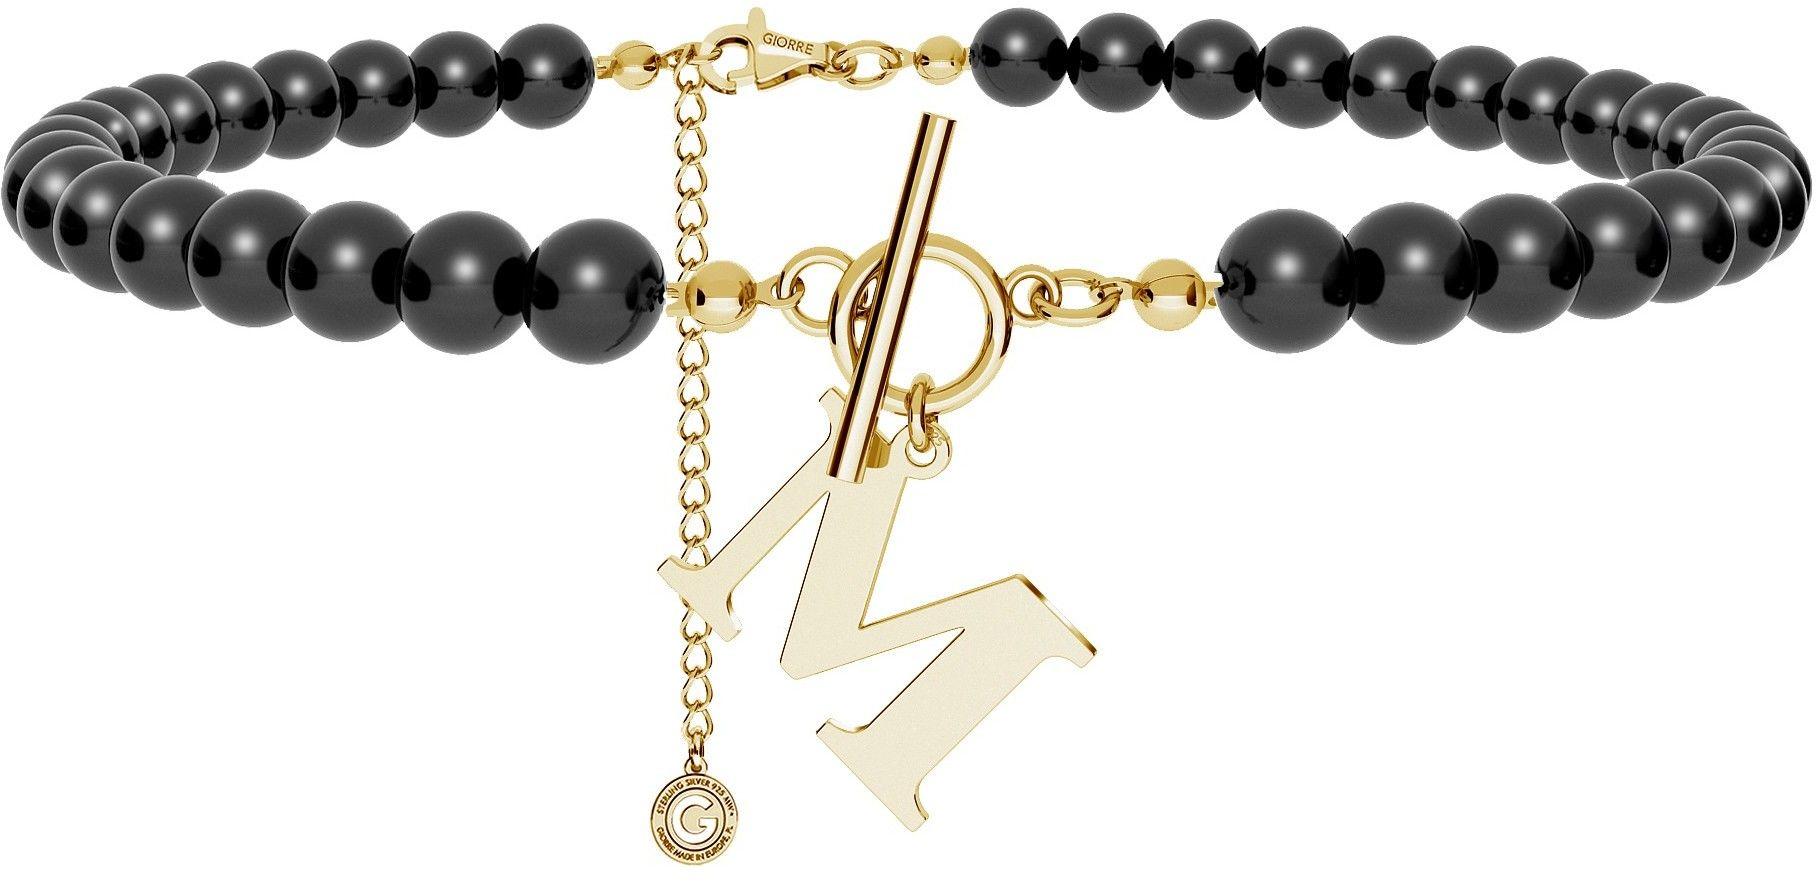 Czarny perłowy choker z dowolną literą, Swarovski, srebro 925 : Litera - A, Srebro - kolor pokrycia - Pokrycie żółtym 18K złotem